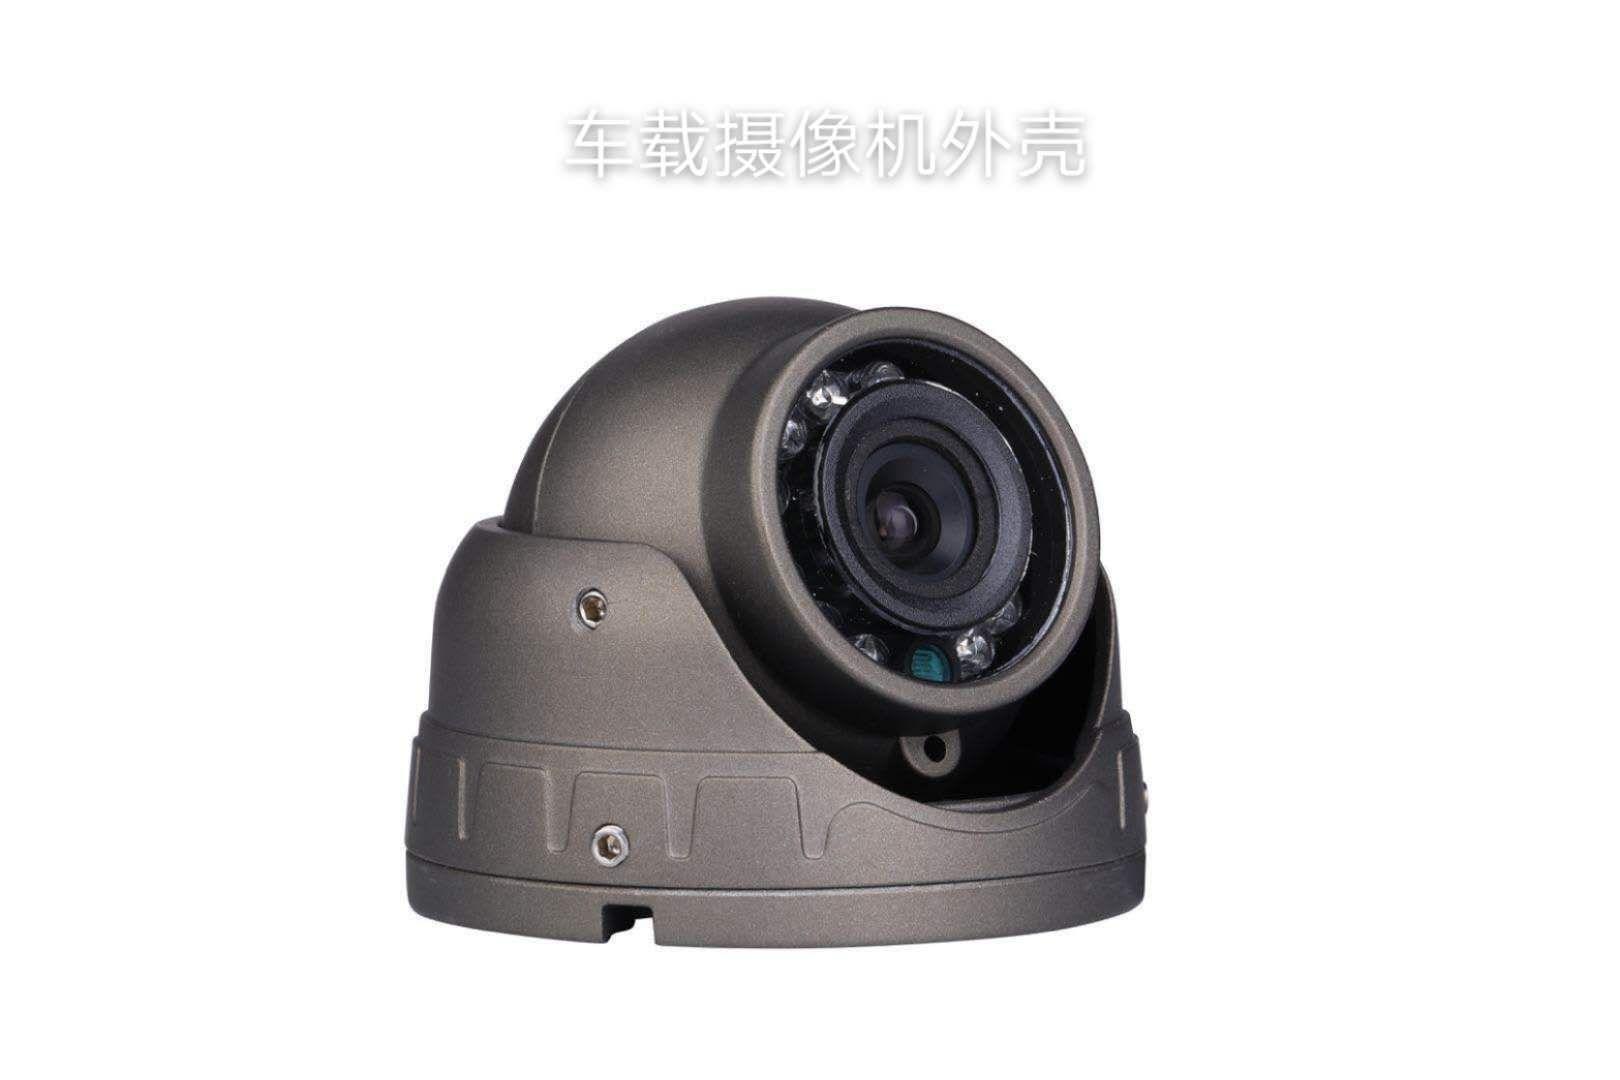 车载摄像头  车载摄像头哪家好 安防设备